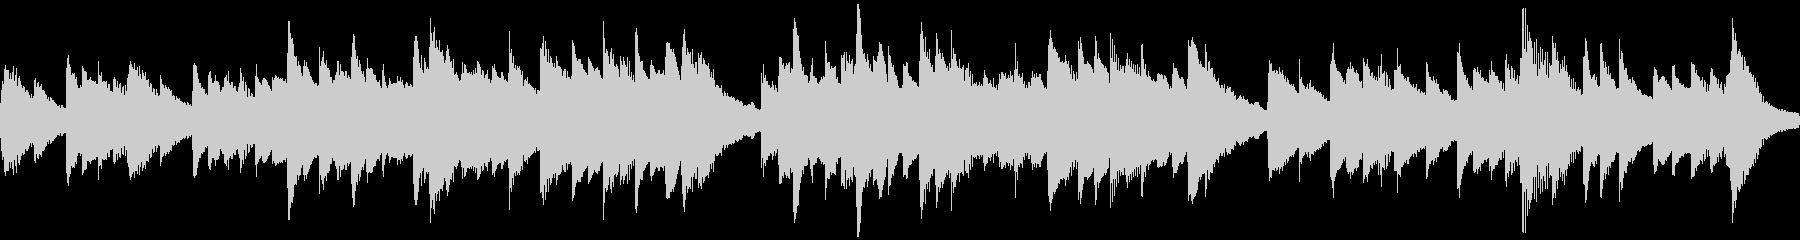 古歌「さくらさくら」ループ仕様ピアノソロの未再生の波形